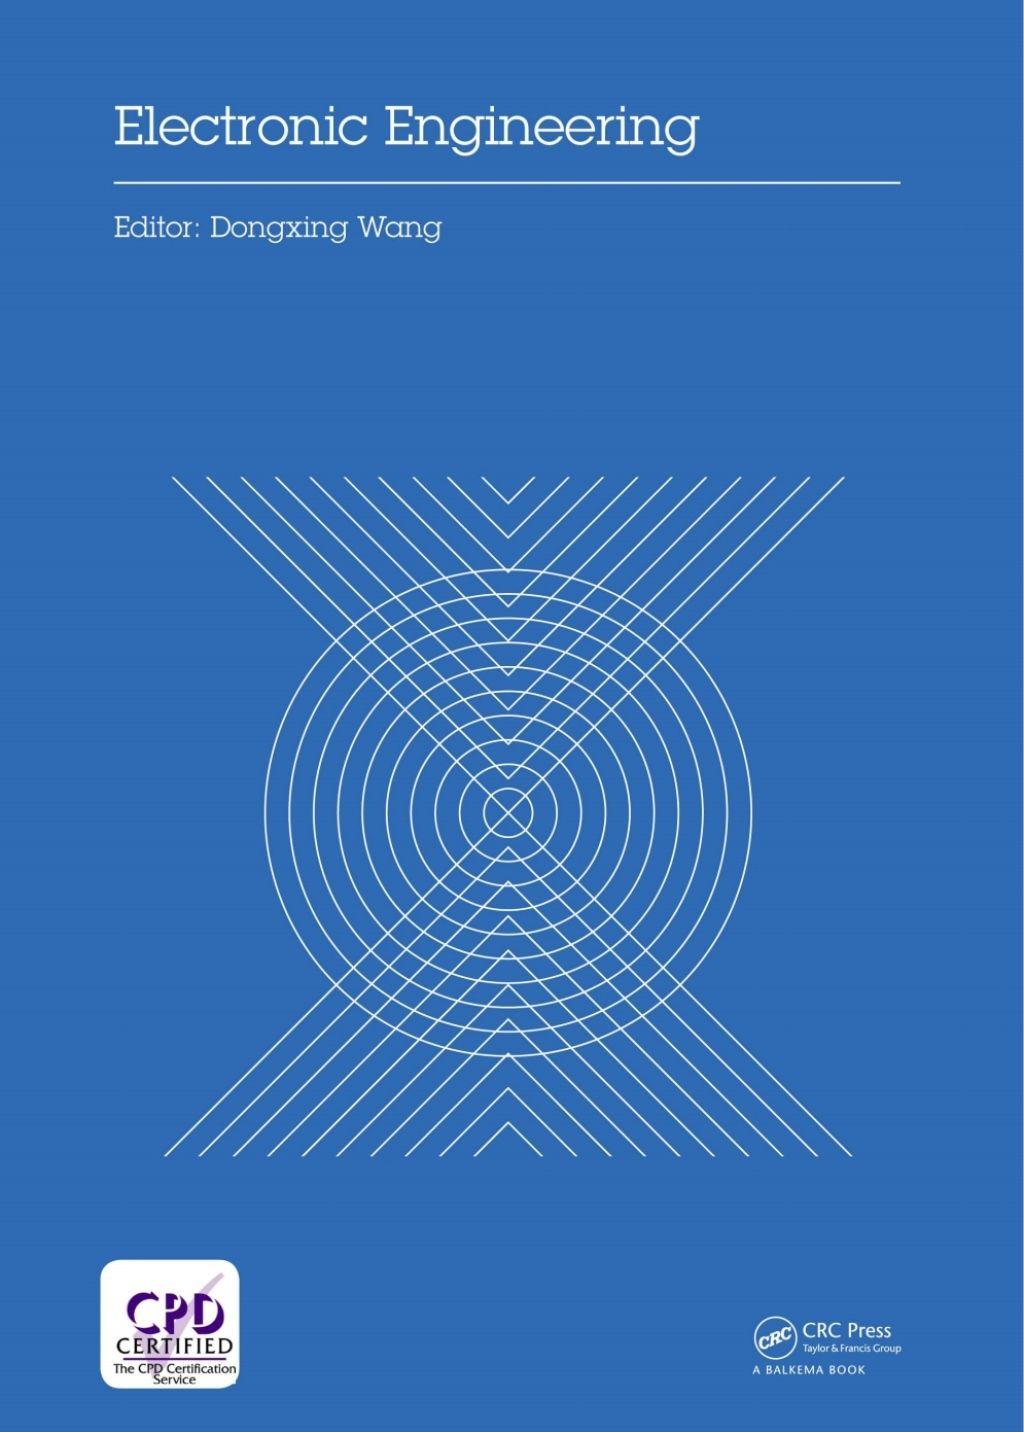 Electronic Engineering (eBook Rental) Electronic